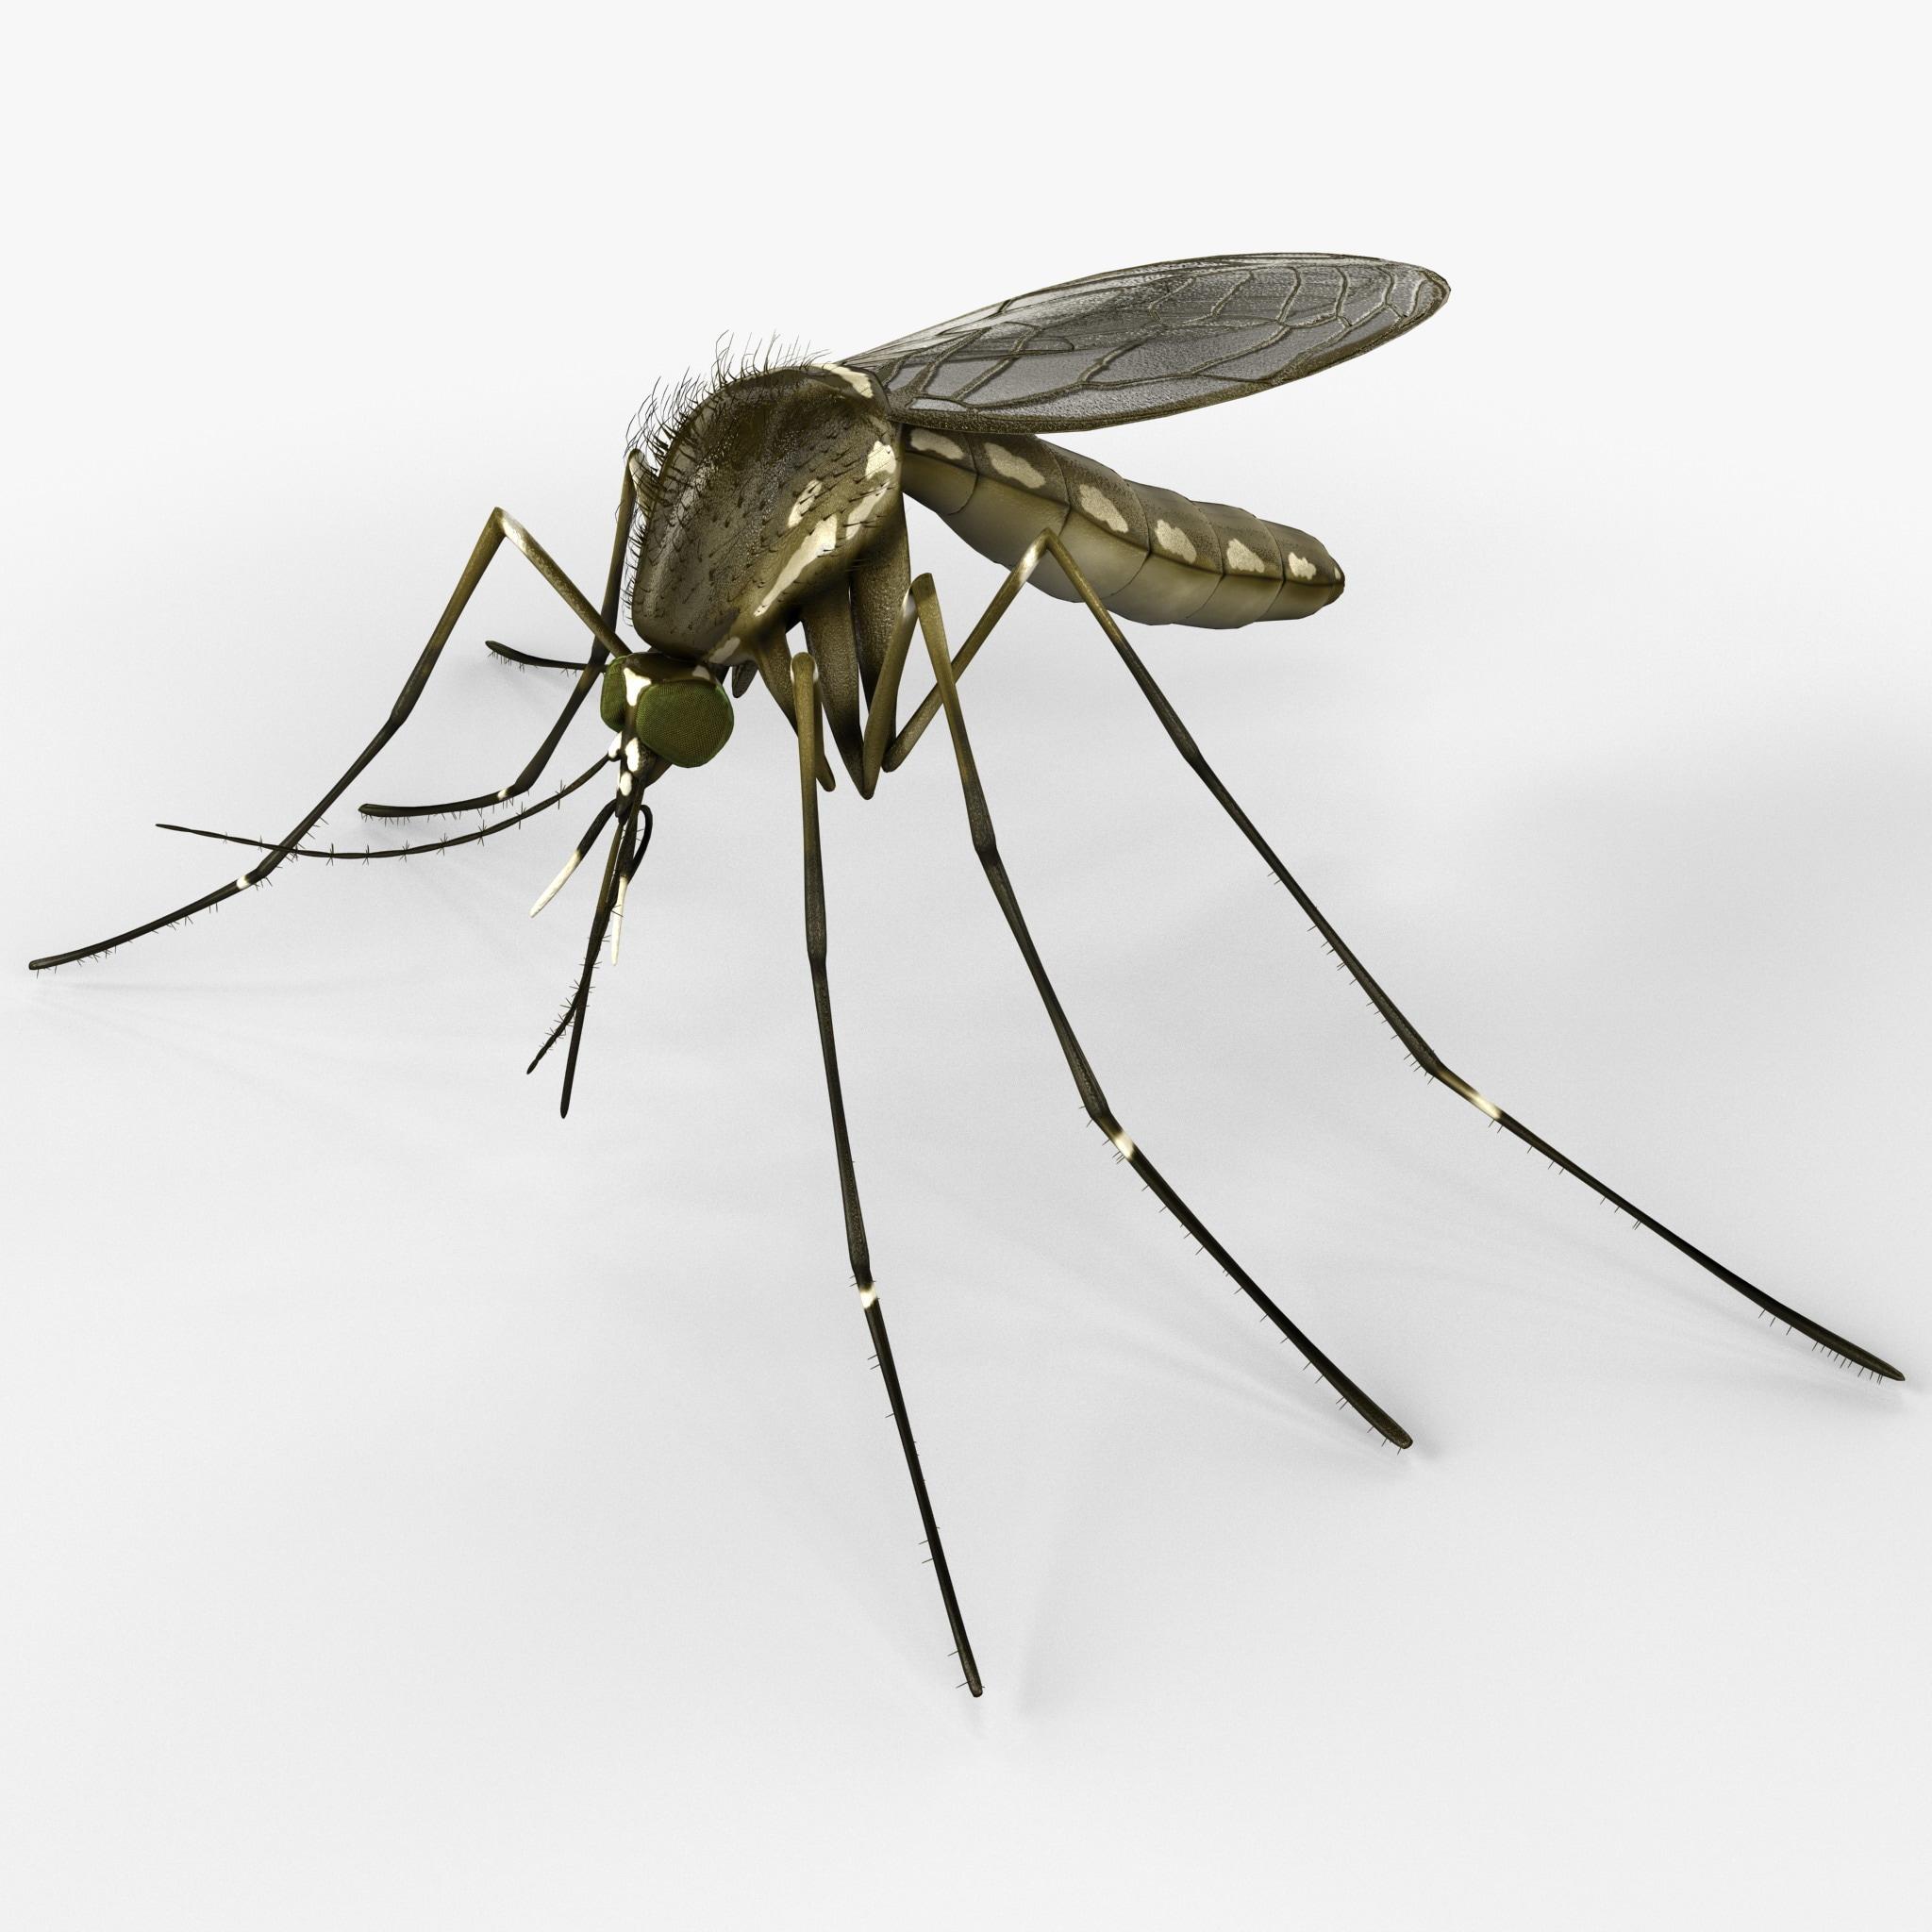 Mosquito_2.jpg